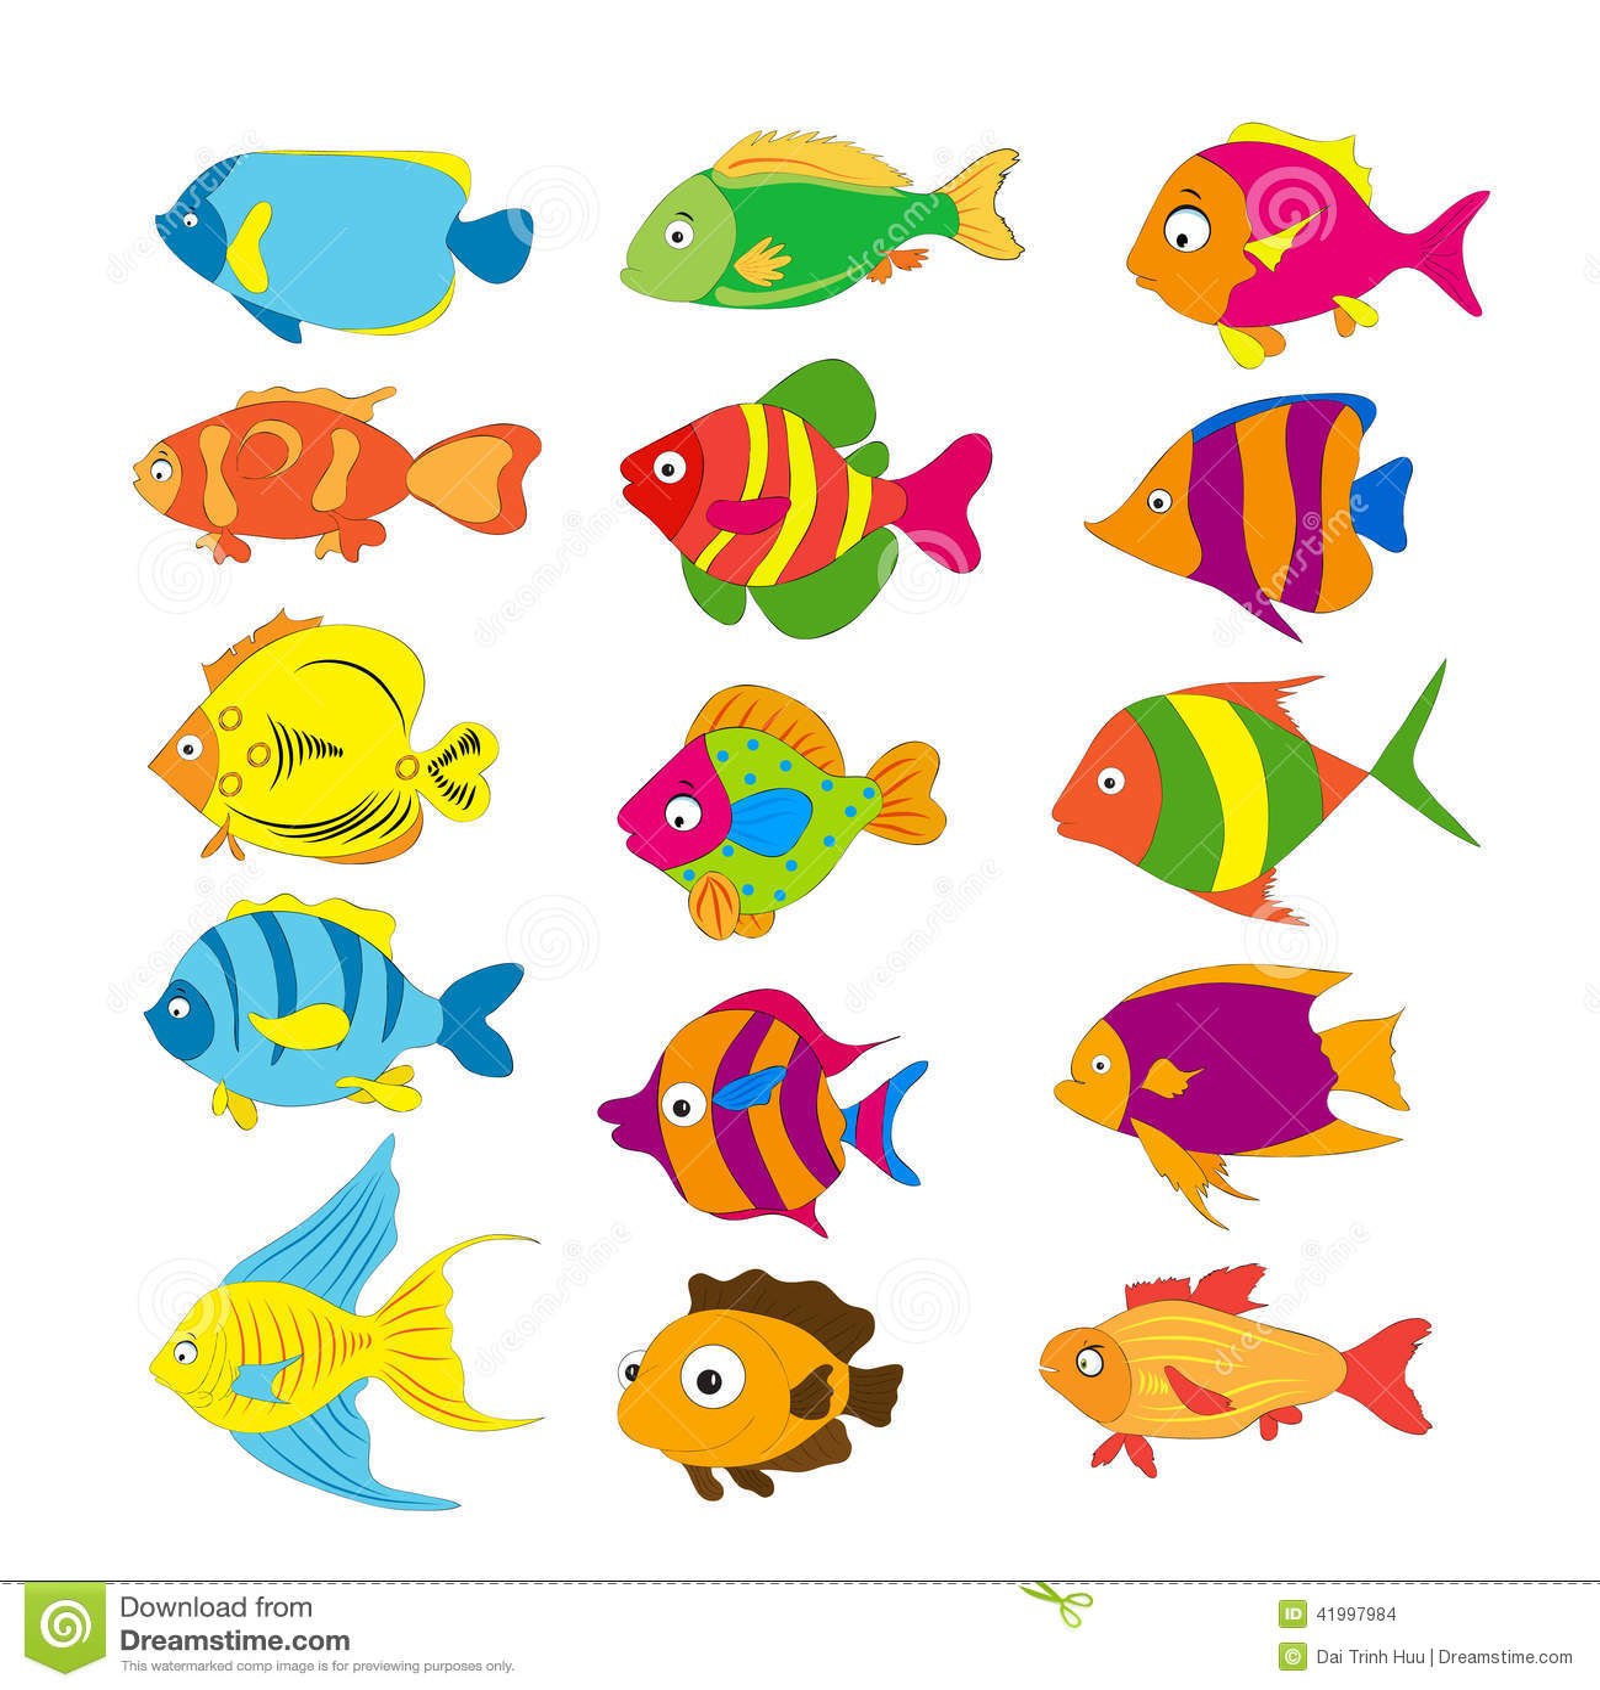 套热带鱼对象图片